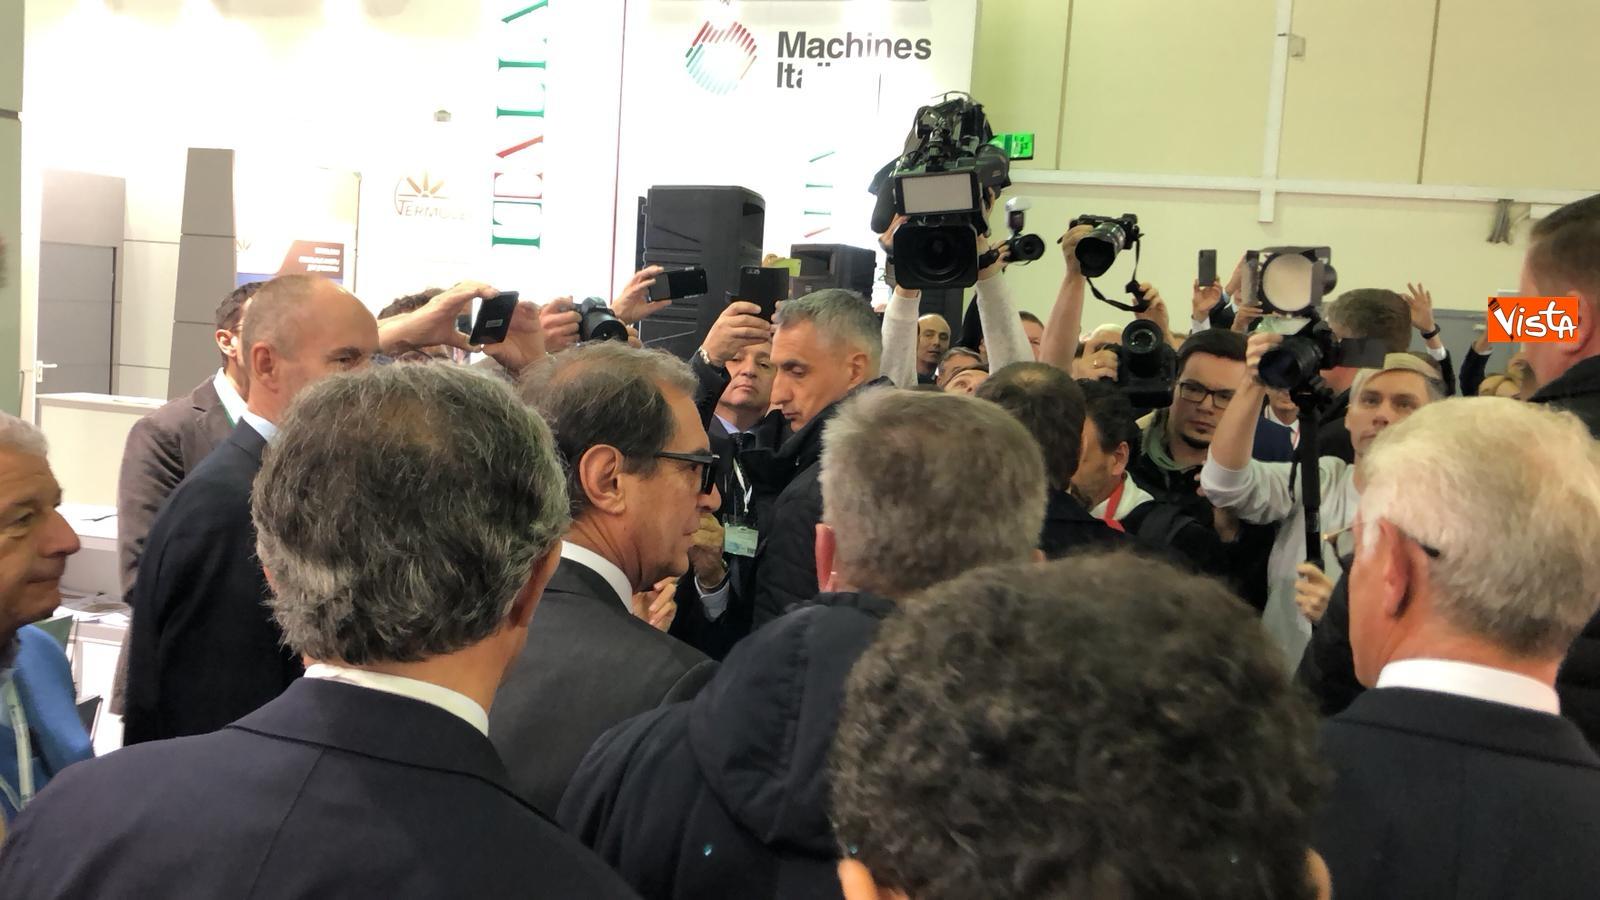 24-10-18 Conte all'Expocenter di Mosca con gli imprenditori italiani 8